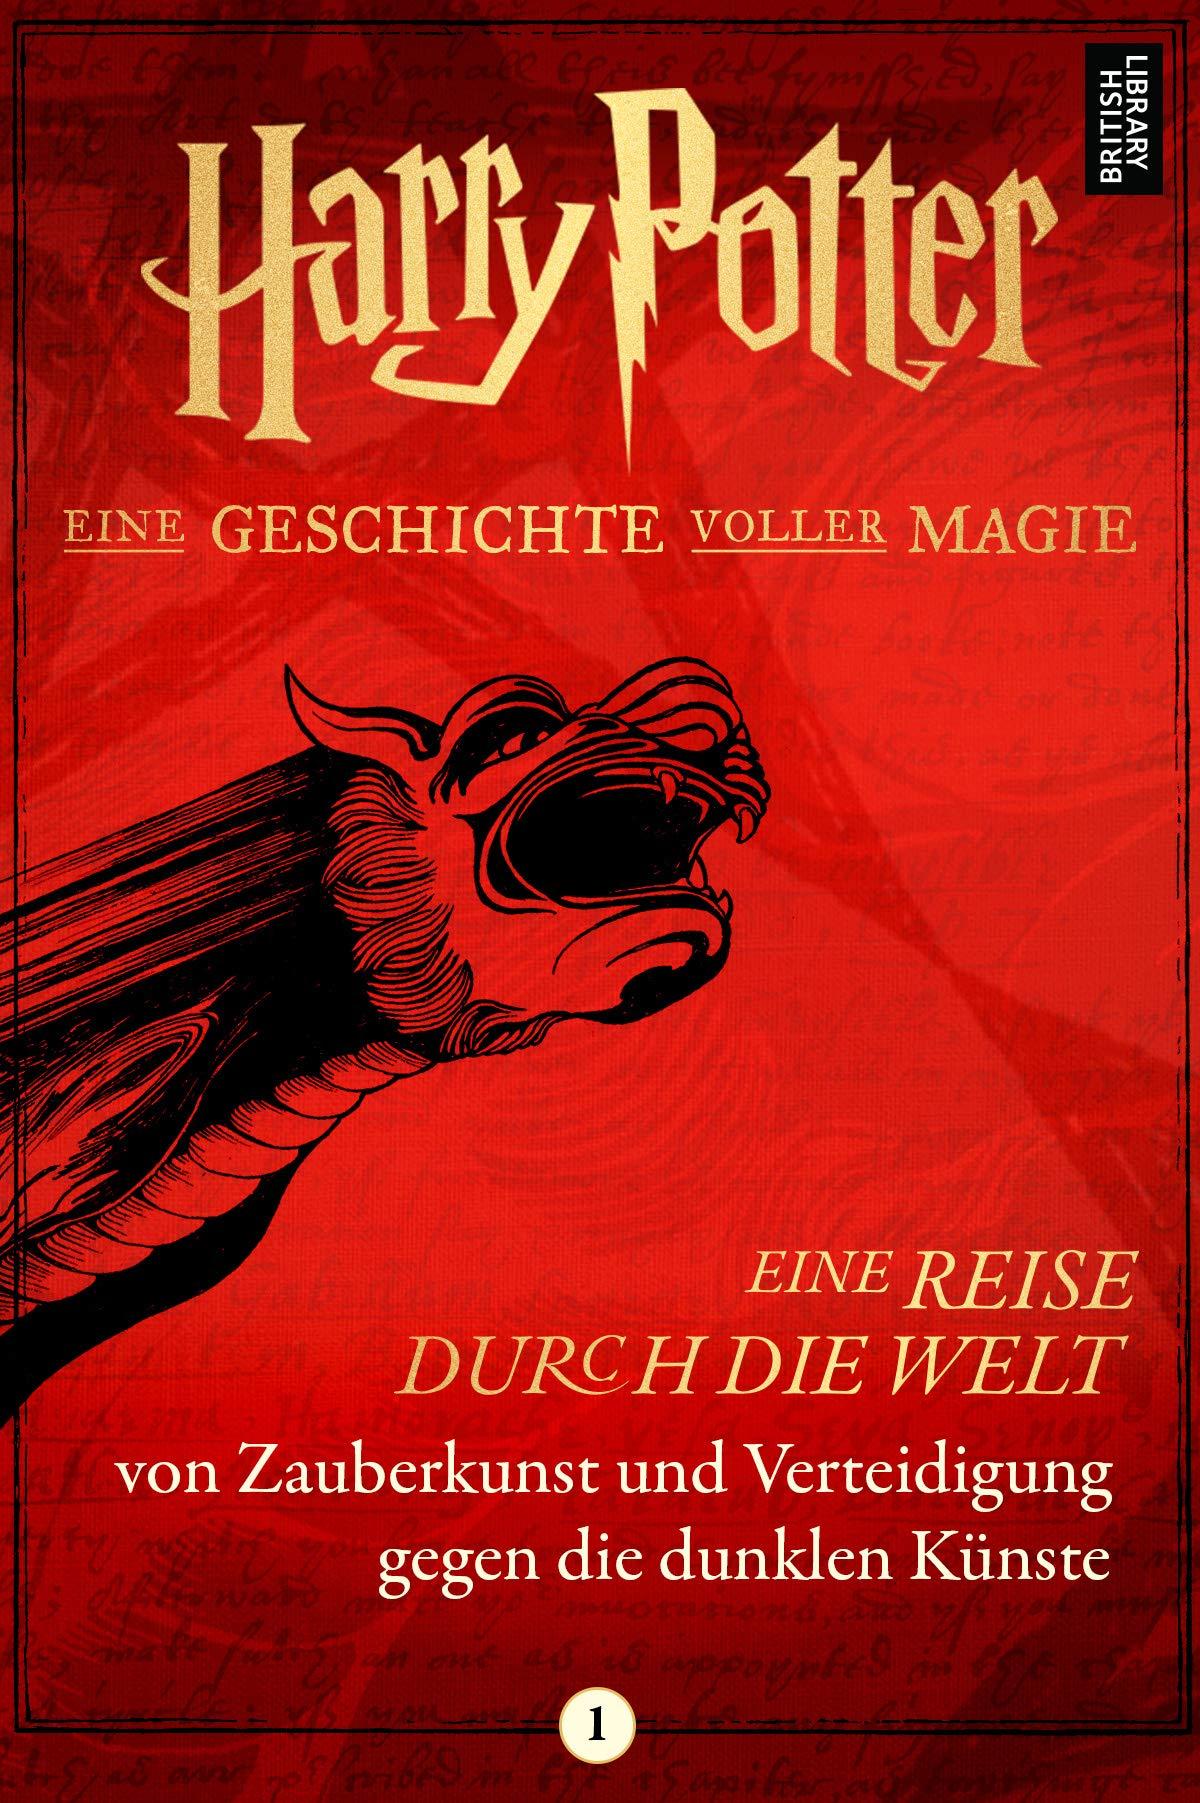 Eine Reise durch die Welt von Zauberkunst und Verteidigung gegen die dunklen Künste (German Edition)